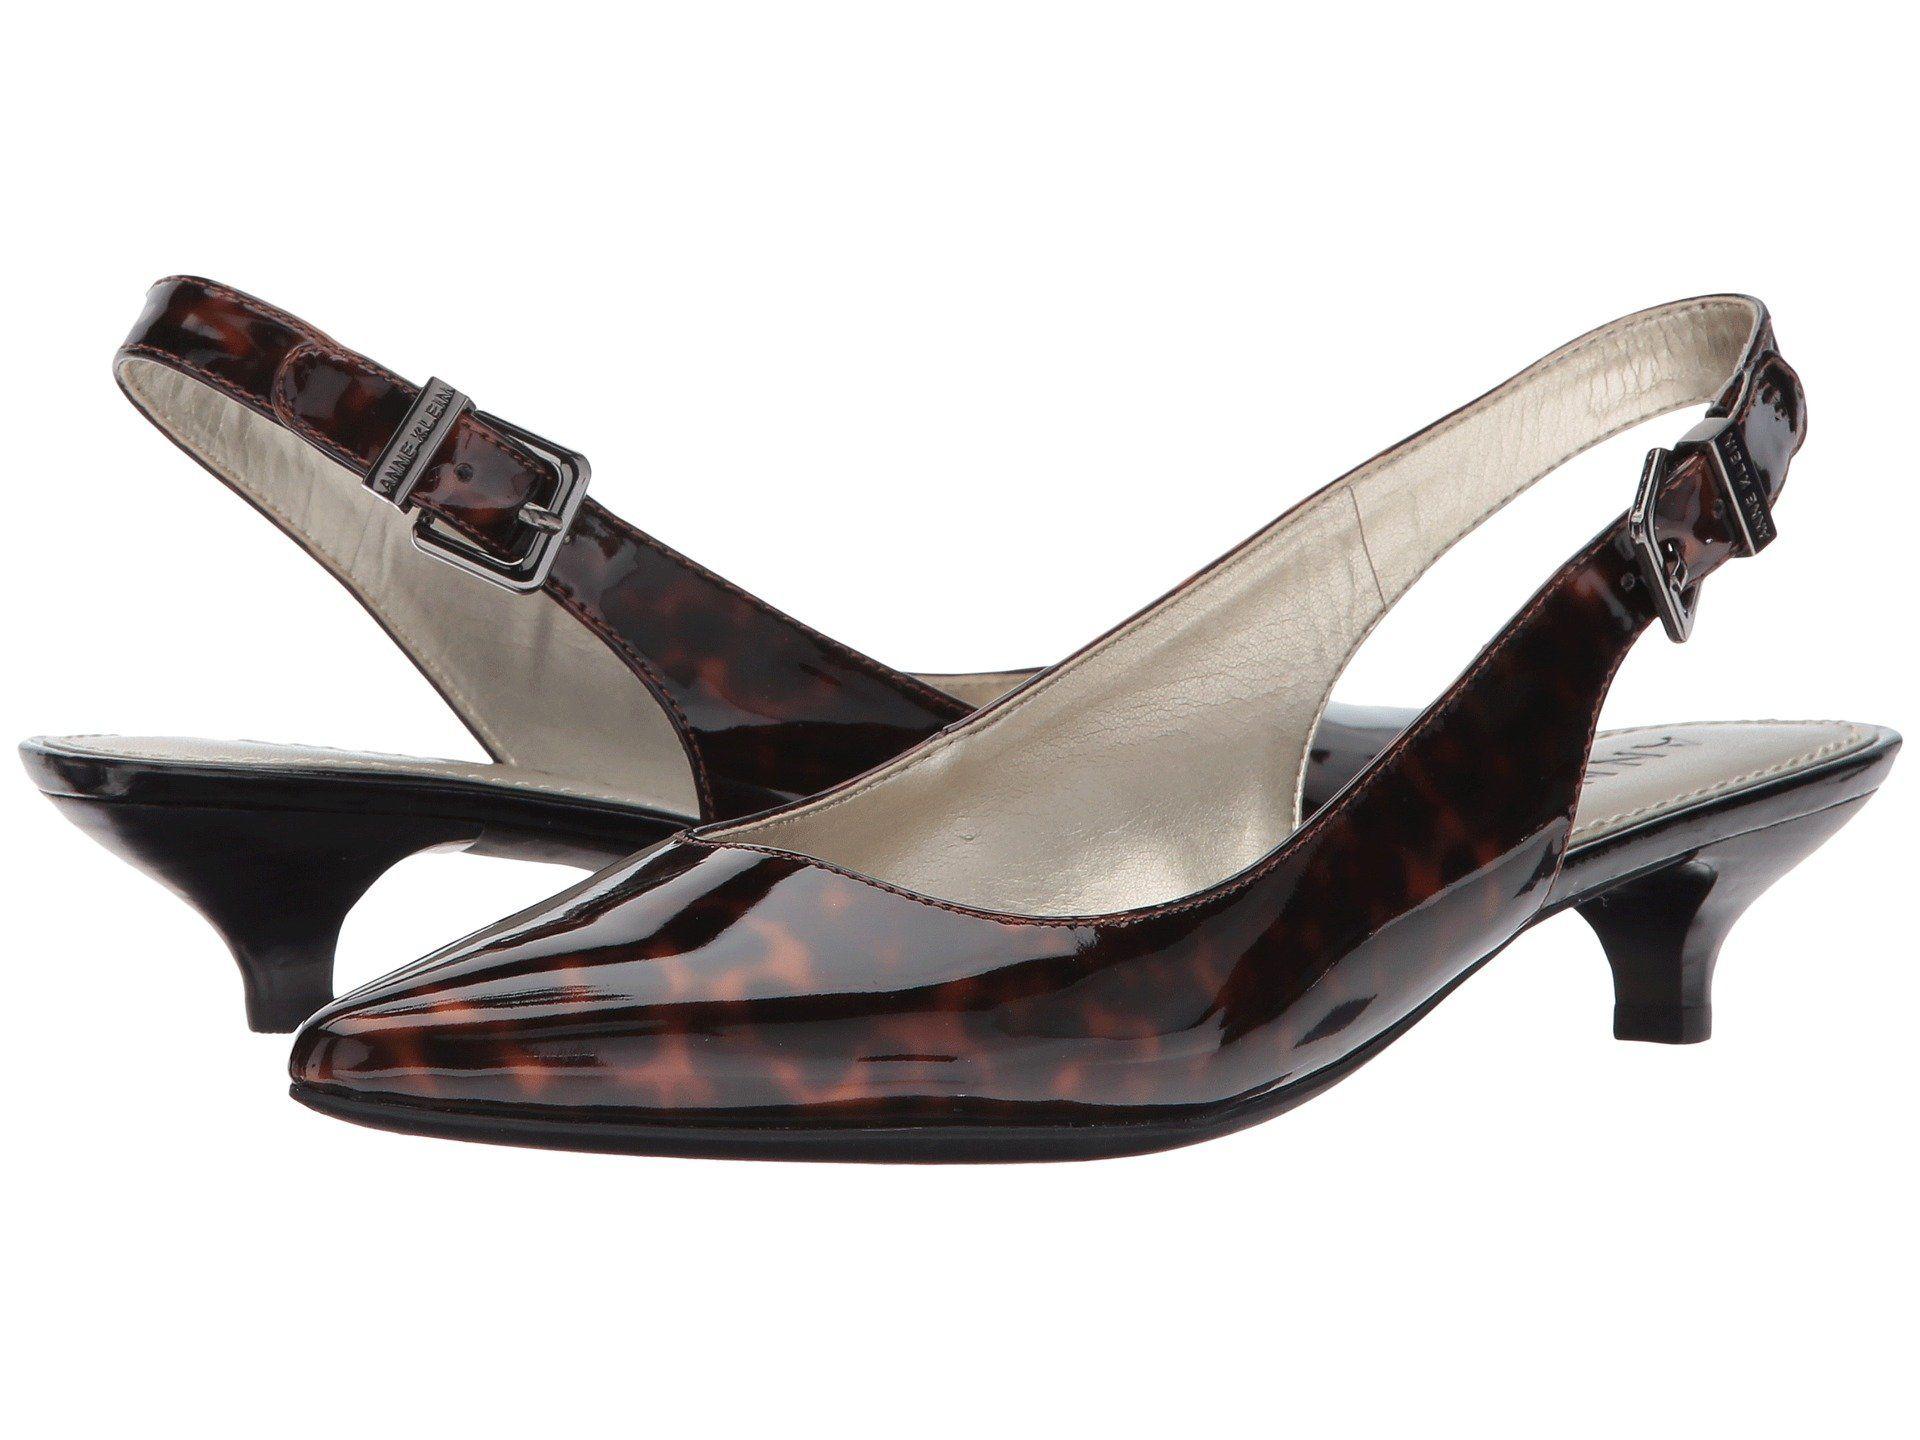 ANNE KLEIN Anne Klein Expert Shoes Heels ANNE KLEIN